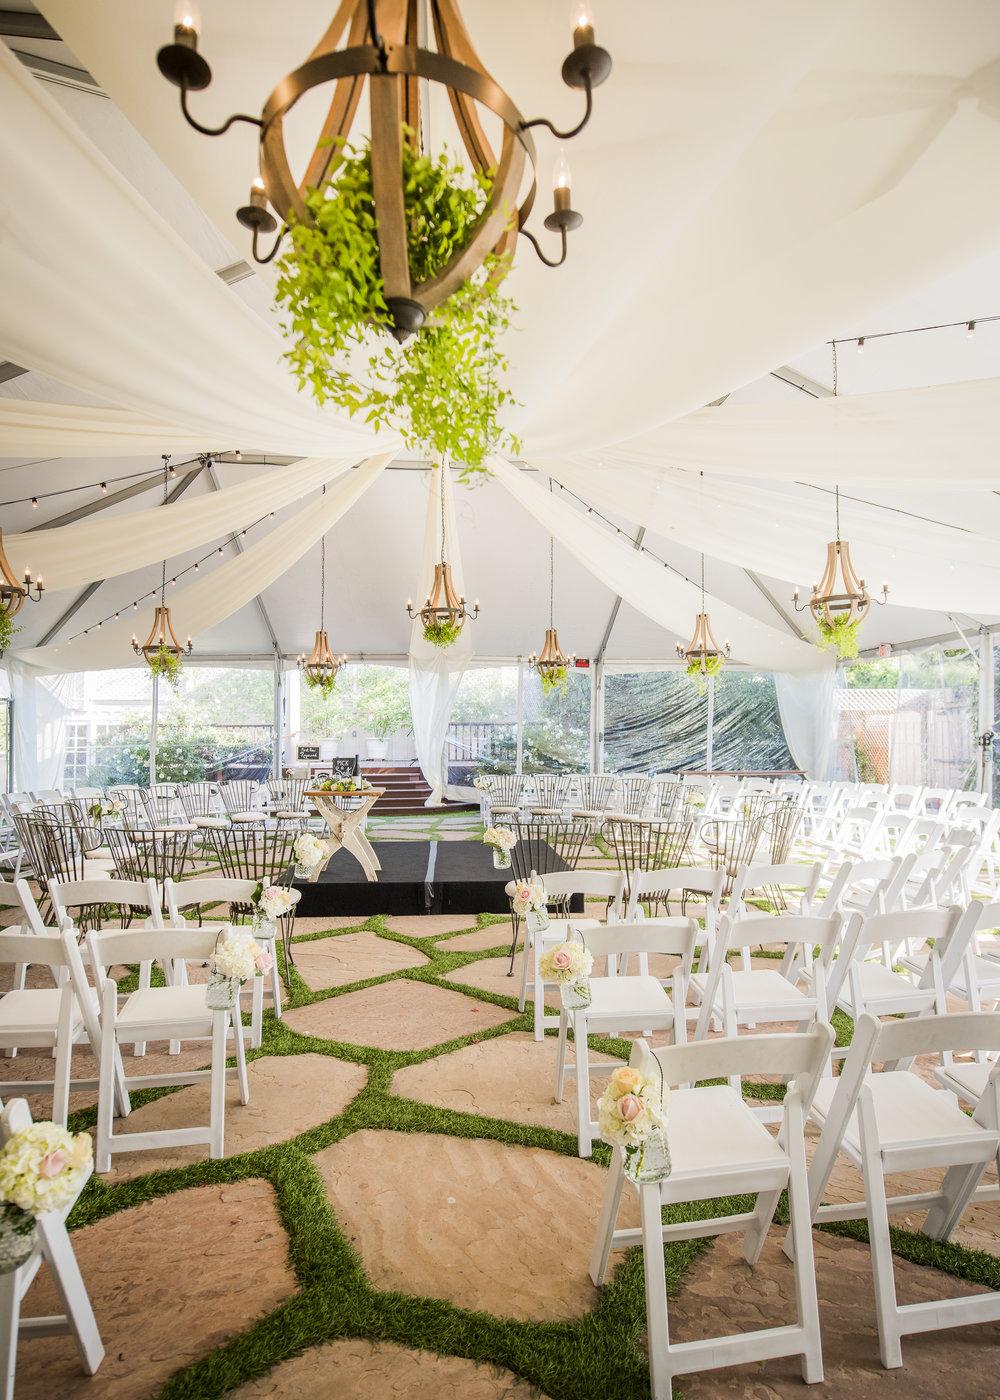 Santa Barbara wedding venue - garden ceremony in tent